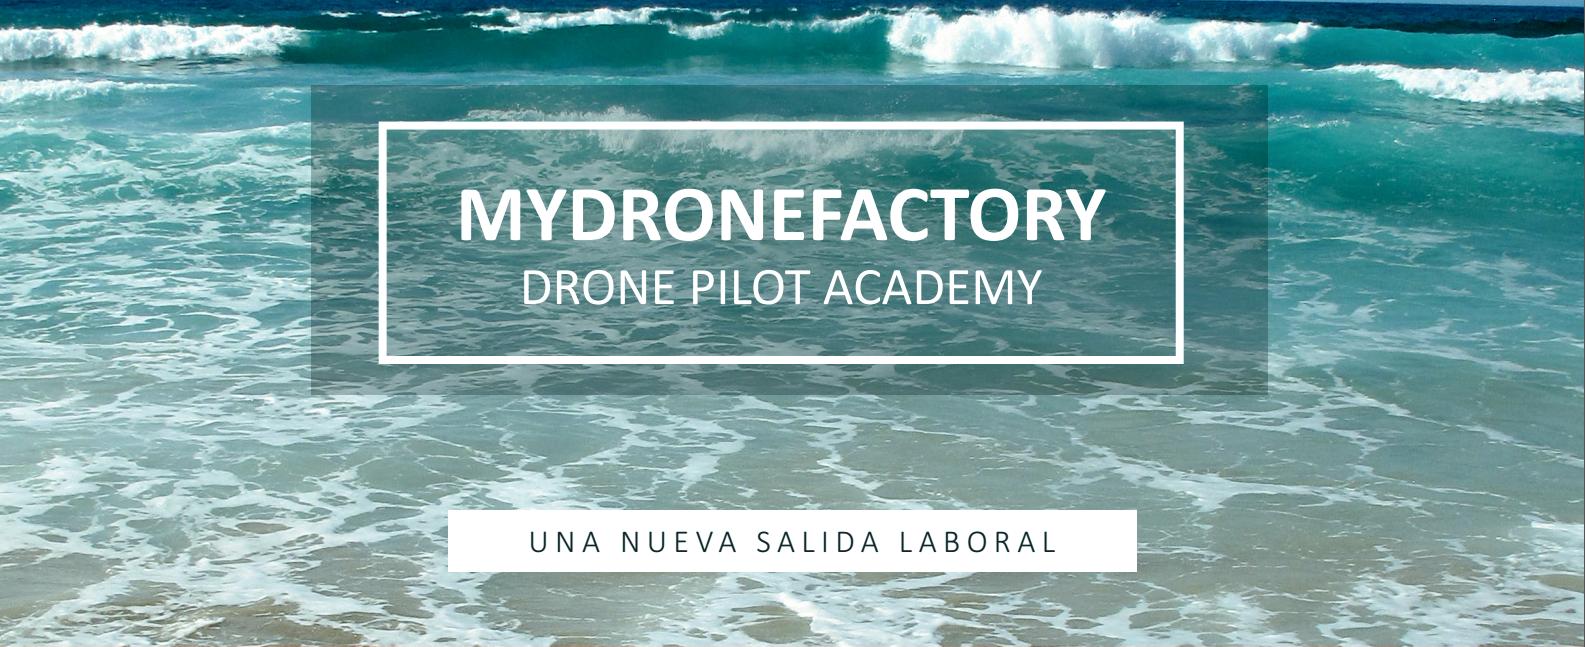 MyDroneFactory, una nueva salida